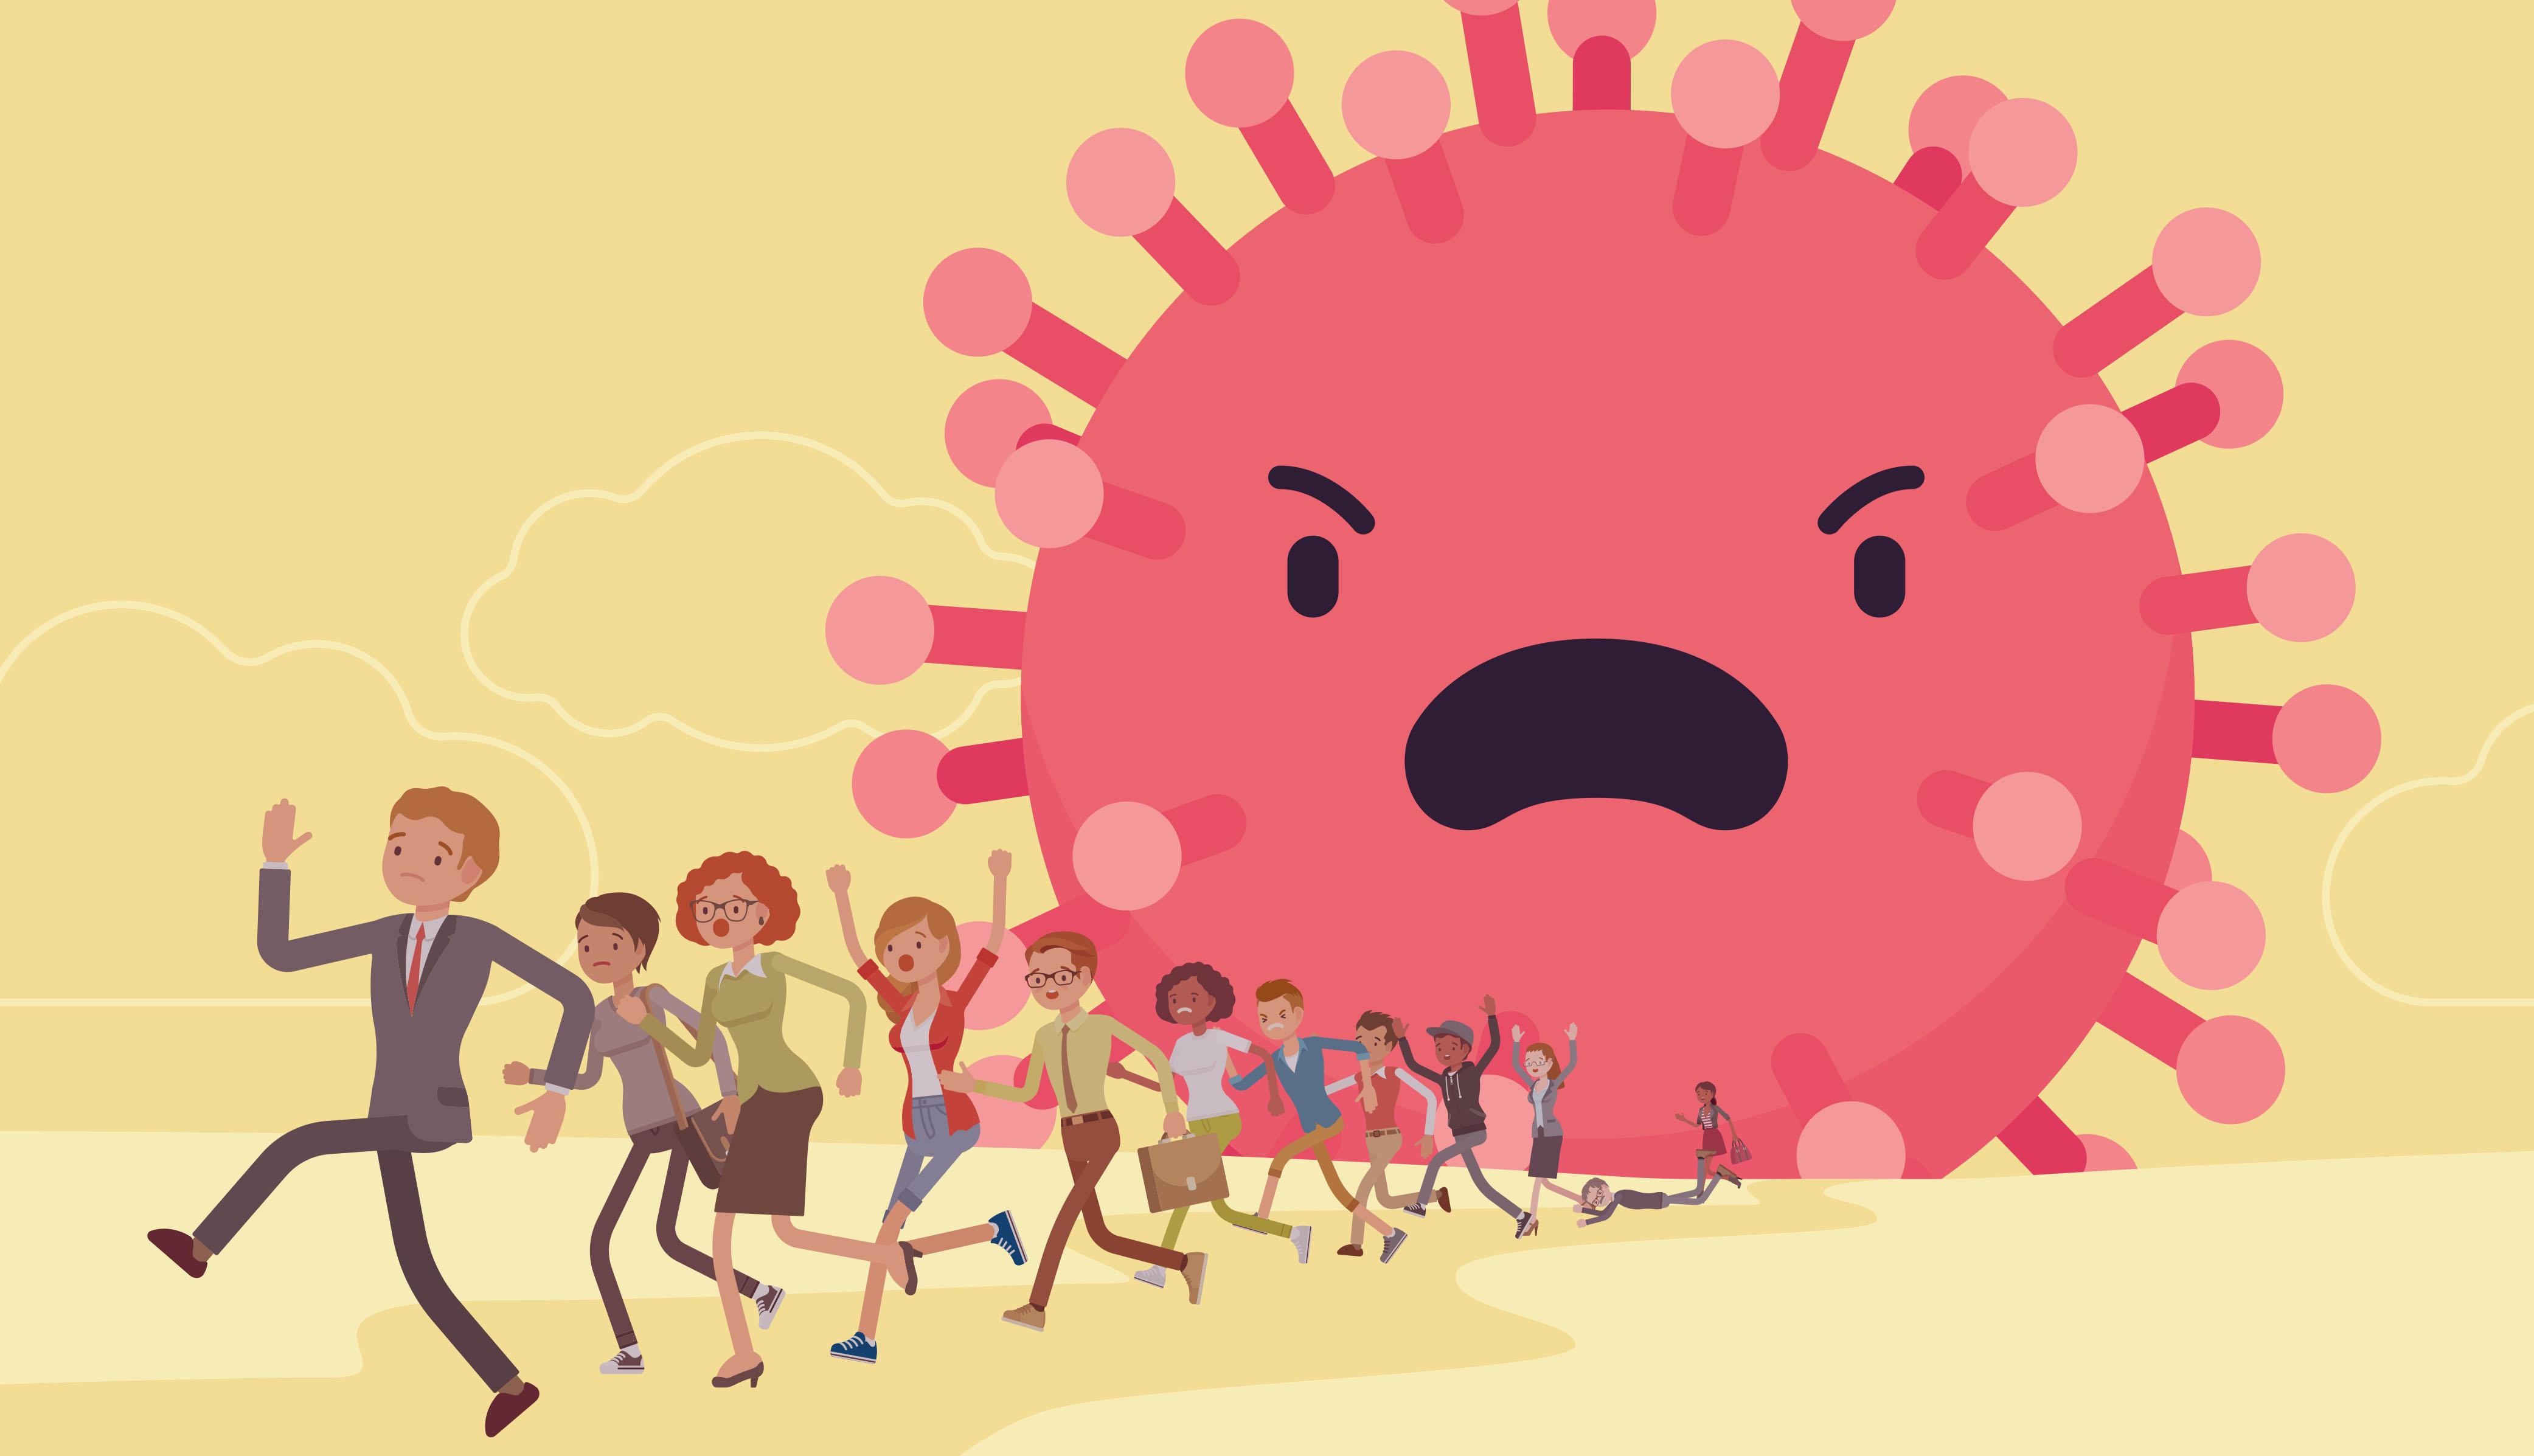 graphic of coronavirus chasing running people